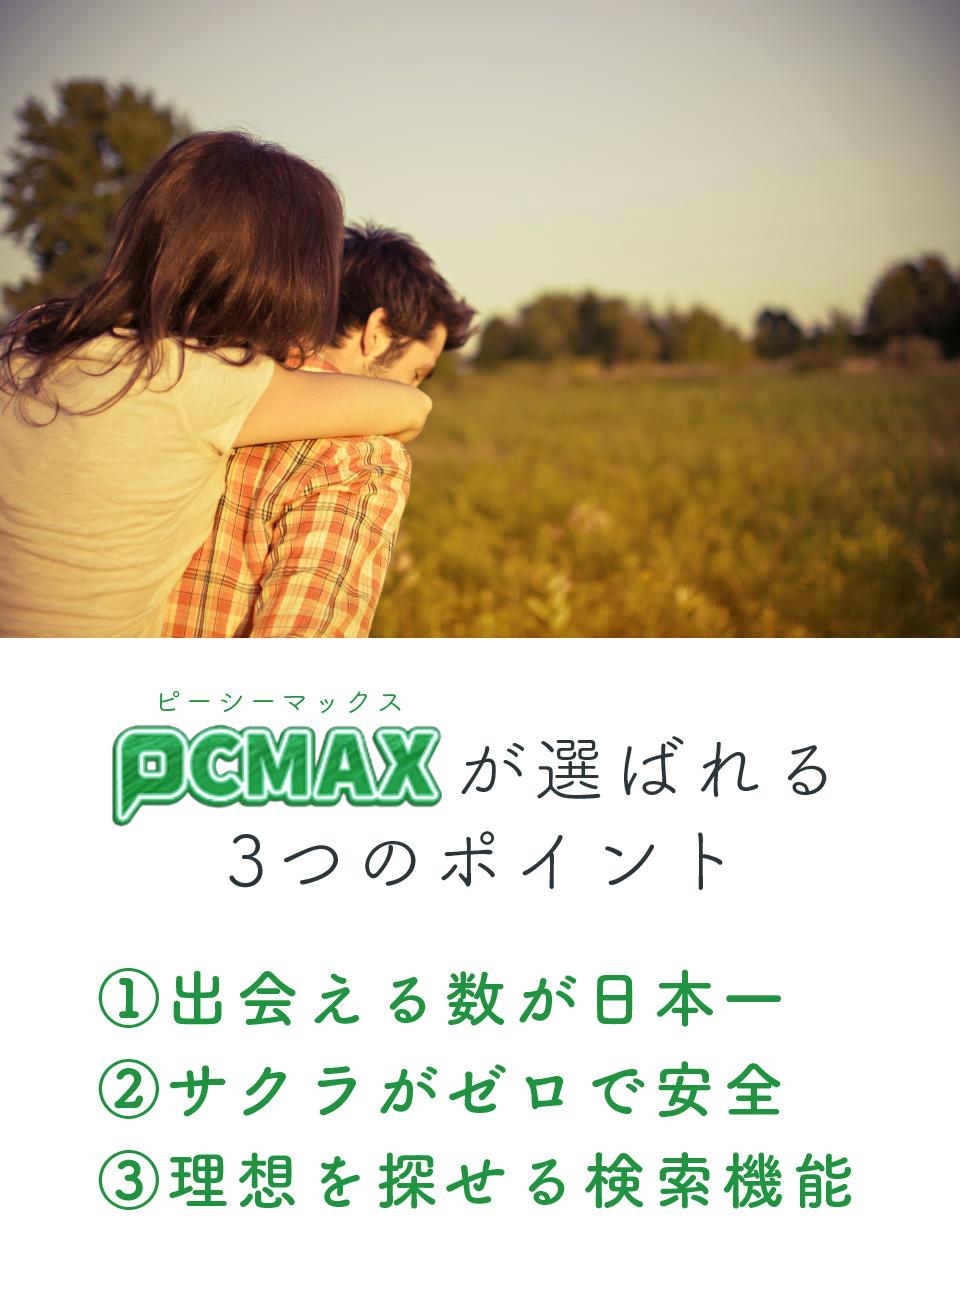 PCMAXの特徴